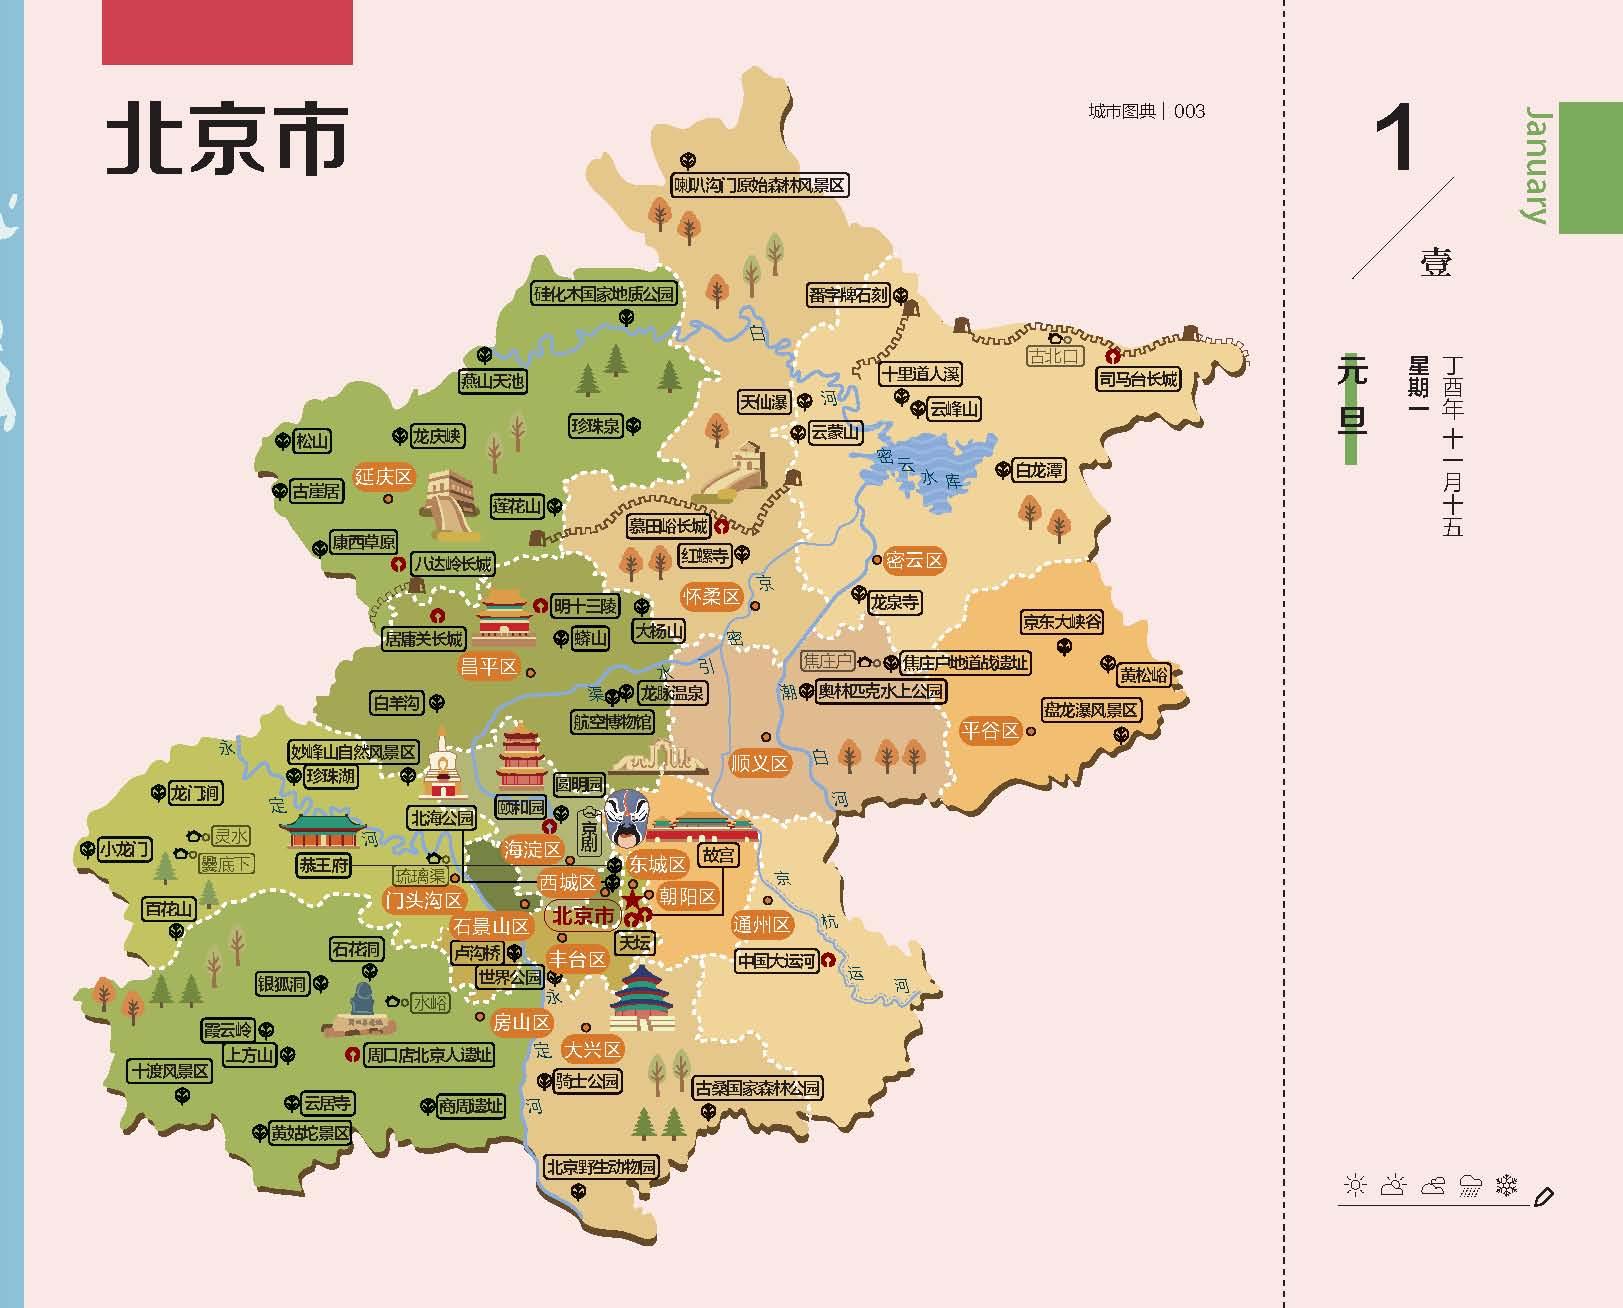 中国城市地图_中国城市图典 2018地图日历 中国国家人文地理 列国图志世界日历 书房